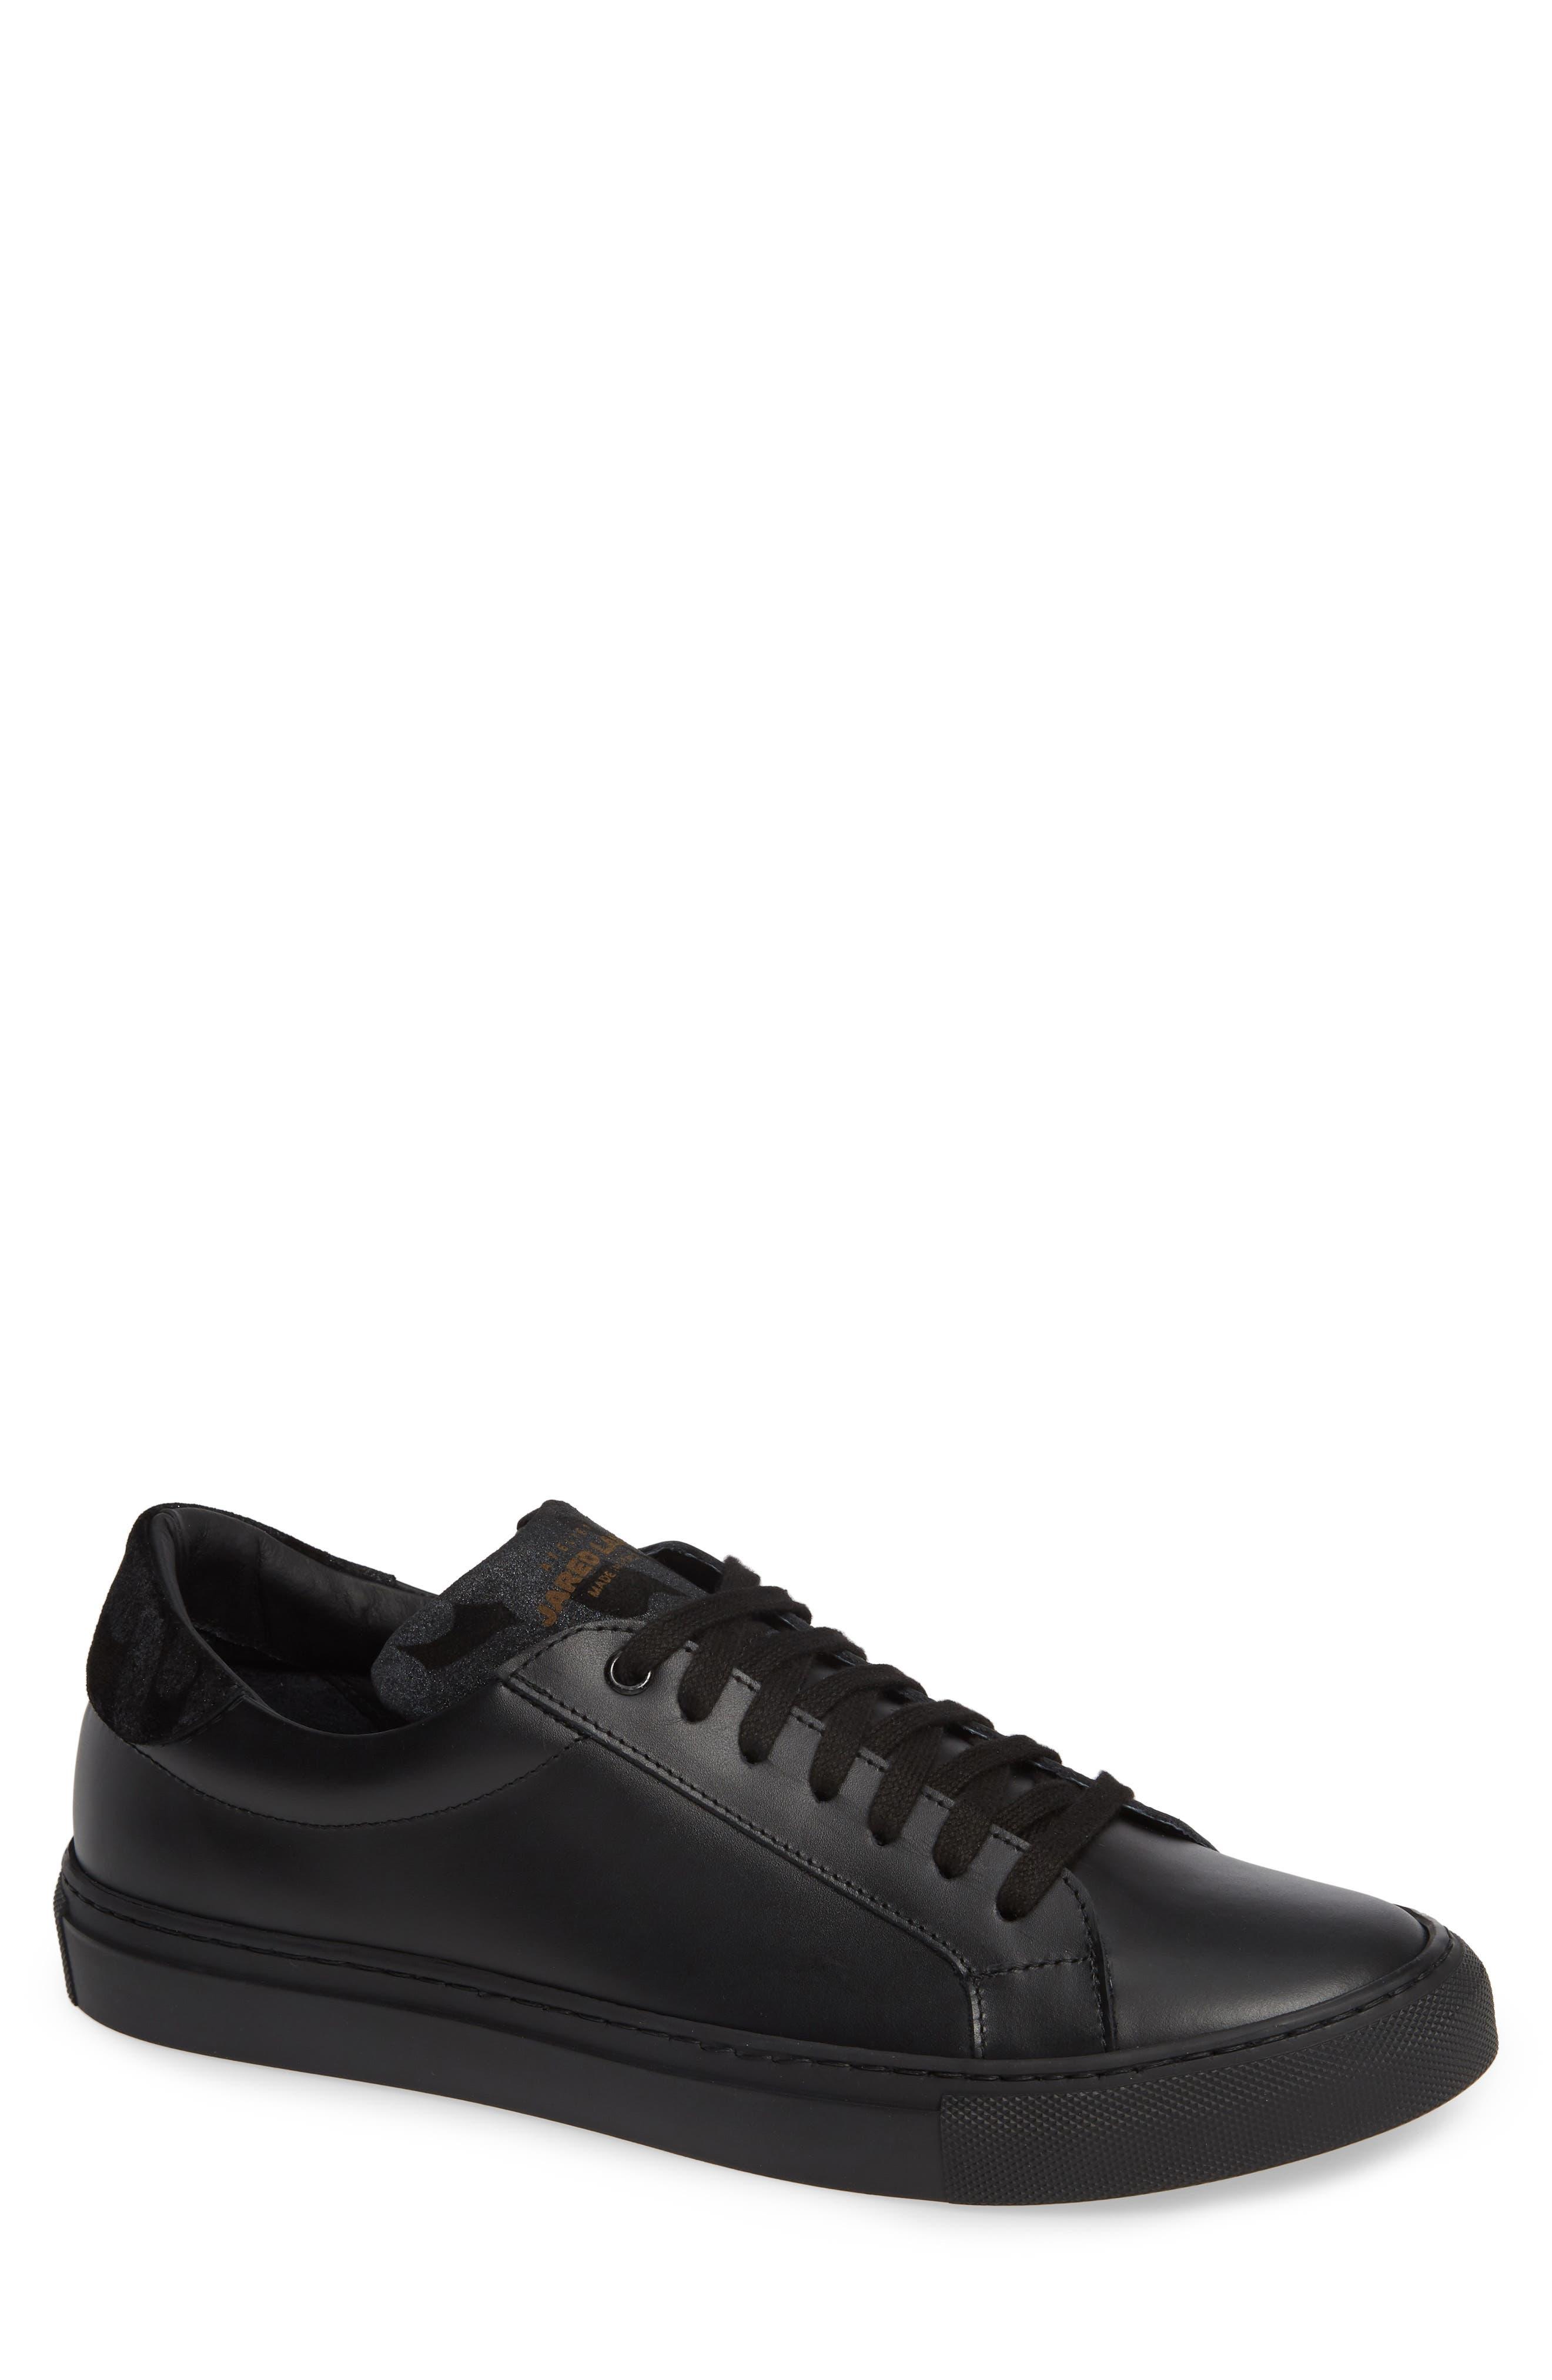 JARED LANG, Rome Sneaker, Main thumbnail 1, color, BLACK